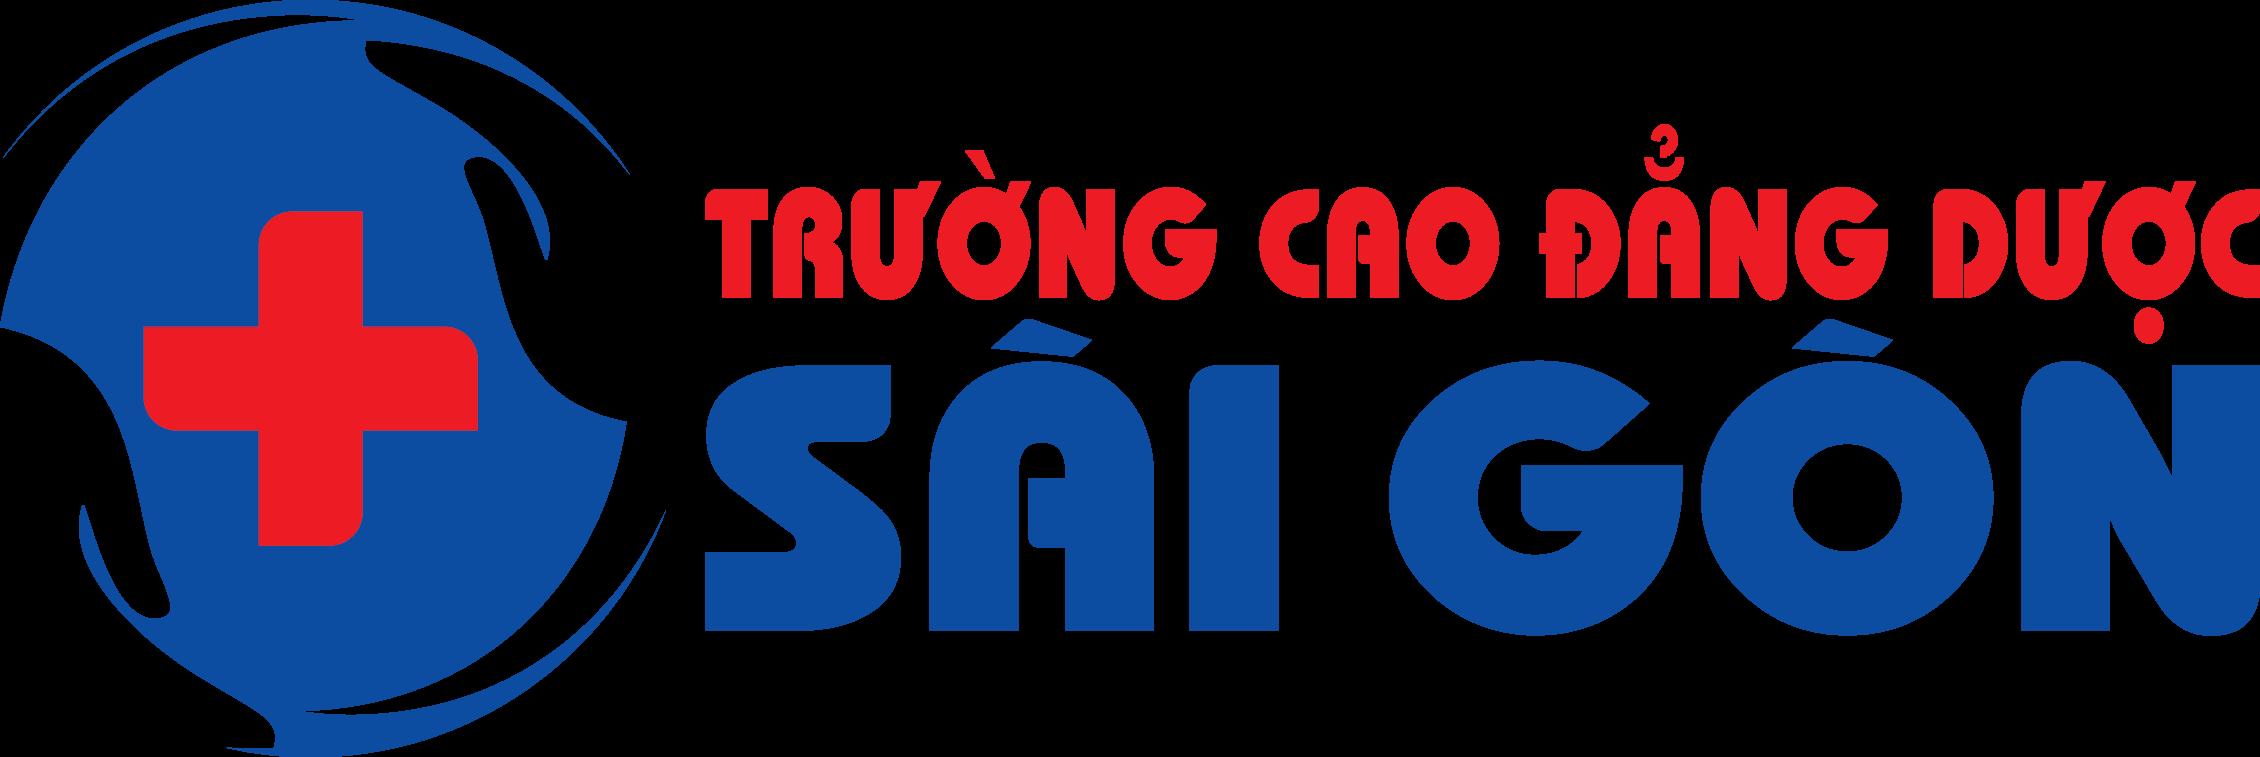 Trường Cao đẳng Dược Sài Gòn Xét tuyển Cao đẳng Dược năm 209